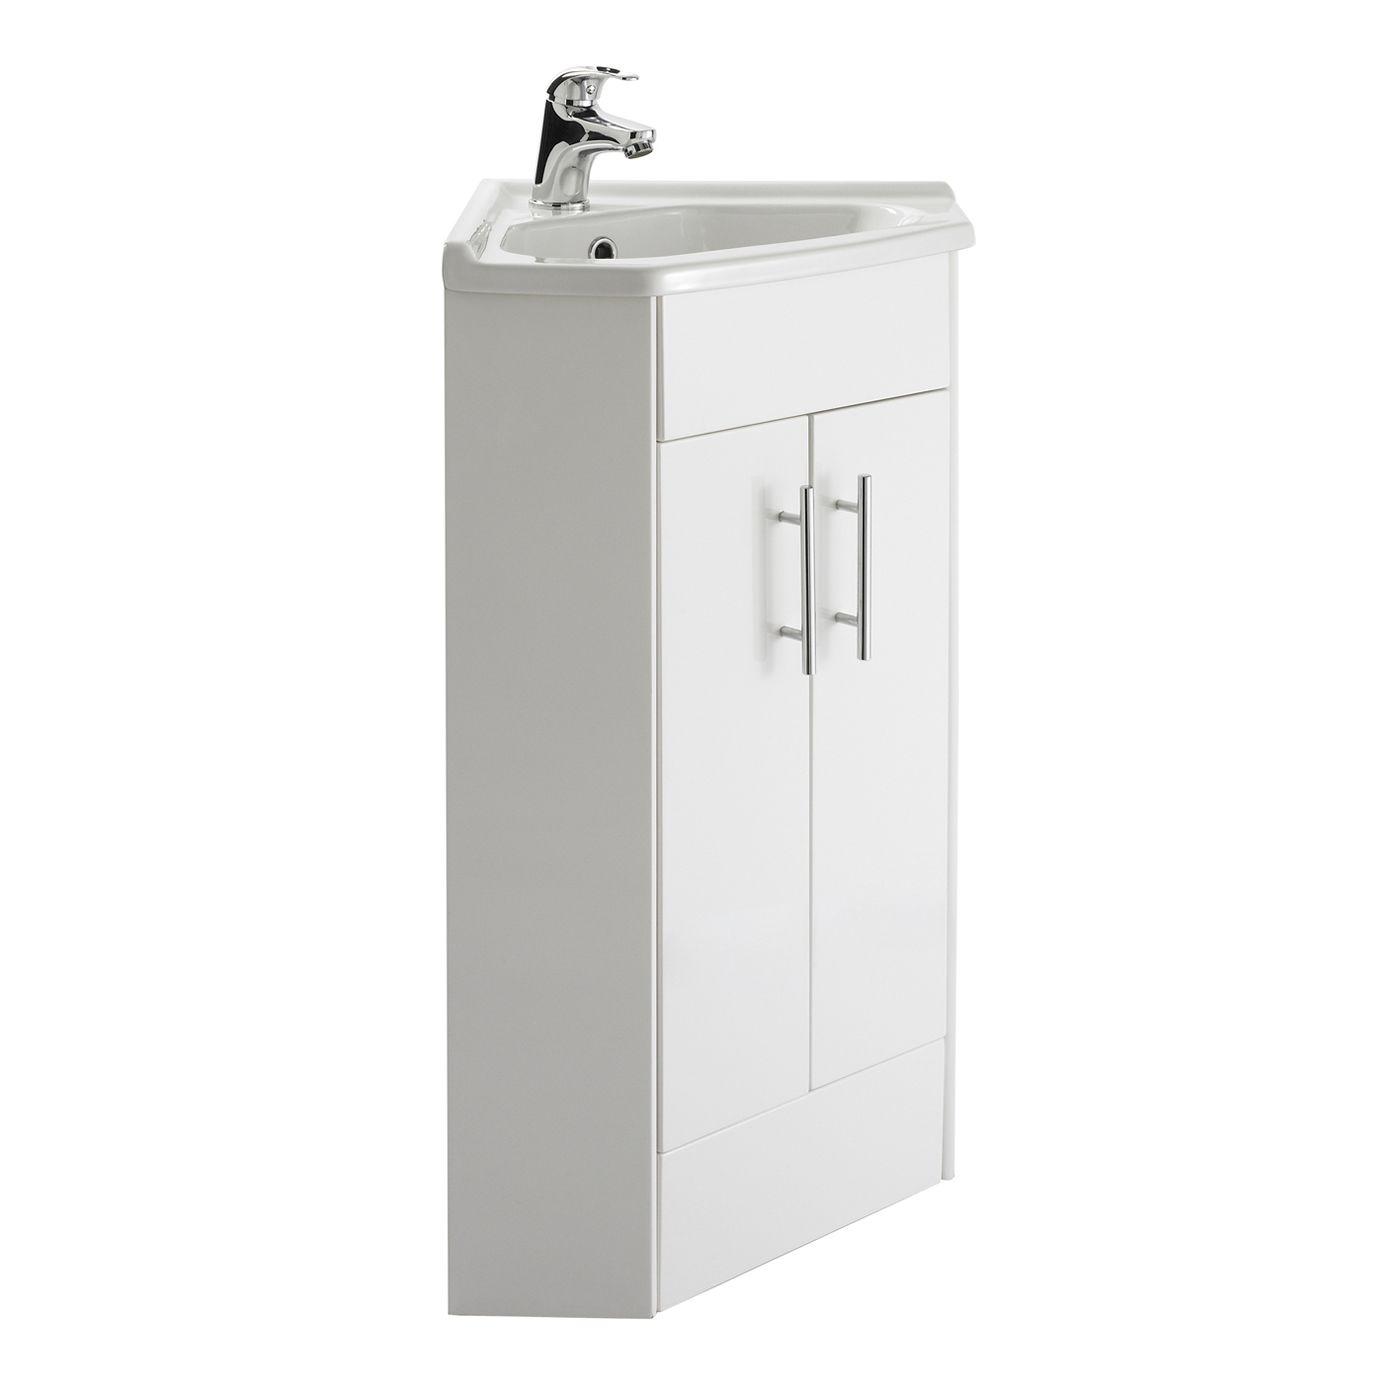 Eckwaschbecken mit unterschrank  Eckwaschbecken mit Unterschrank in Hochglanz Weiß